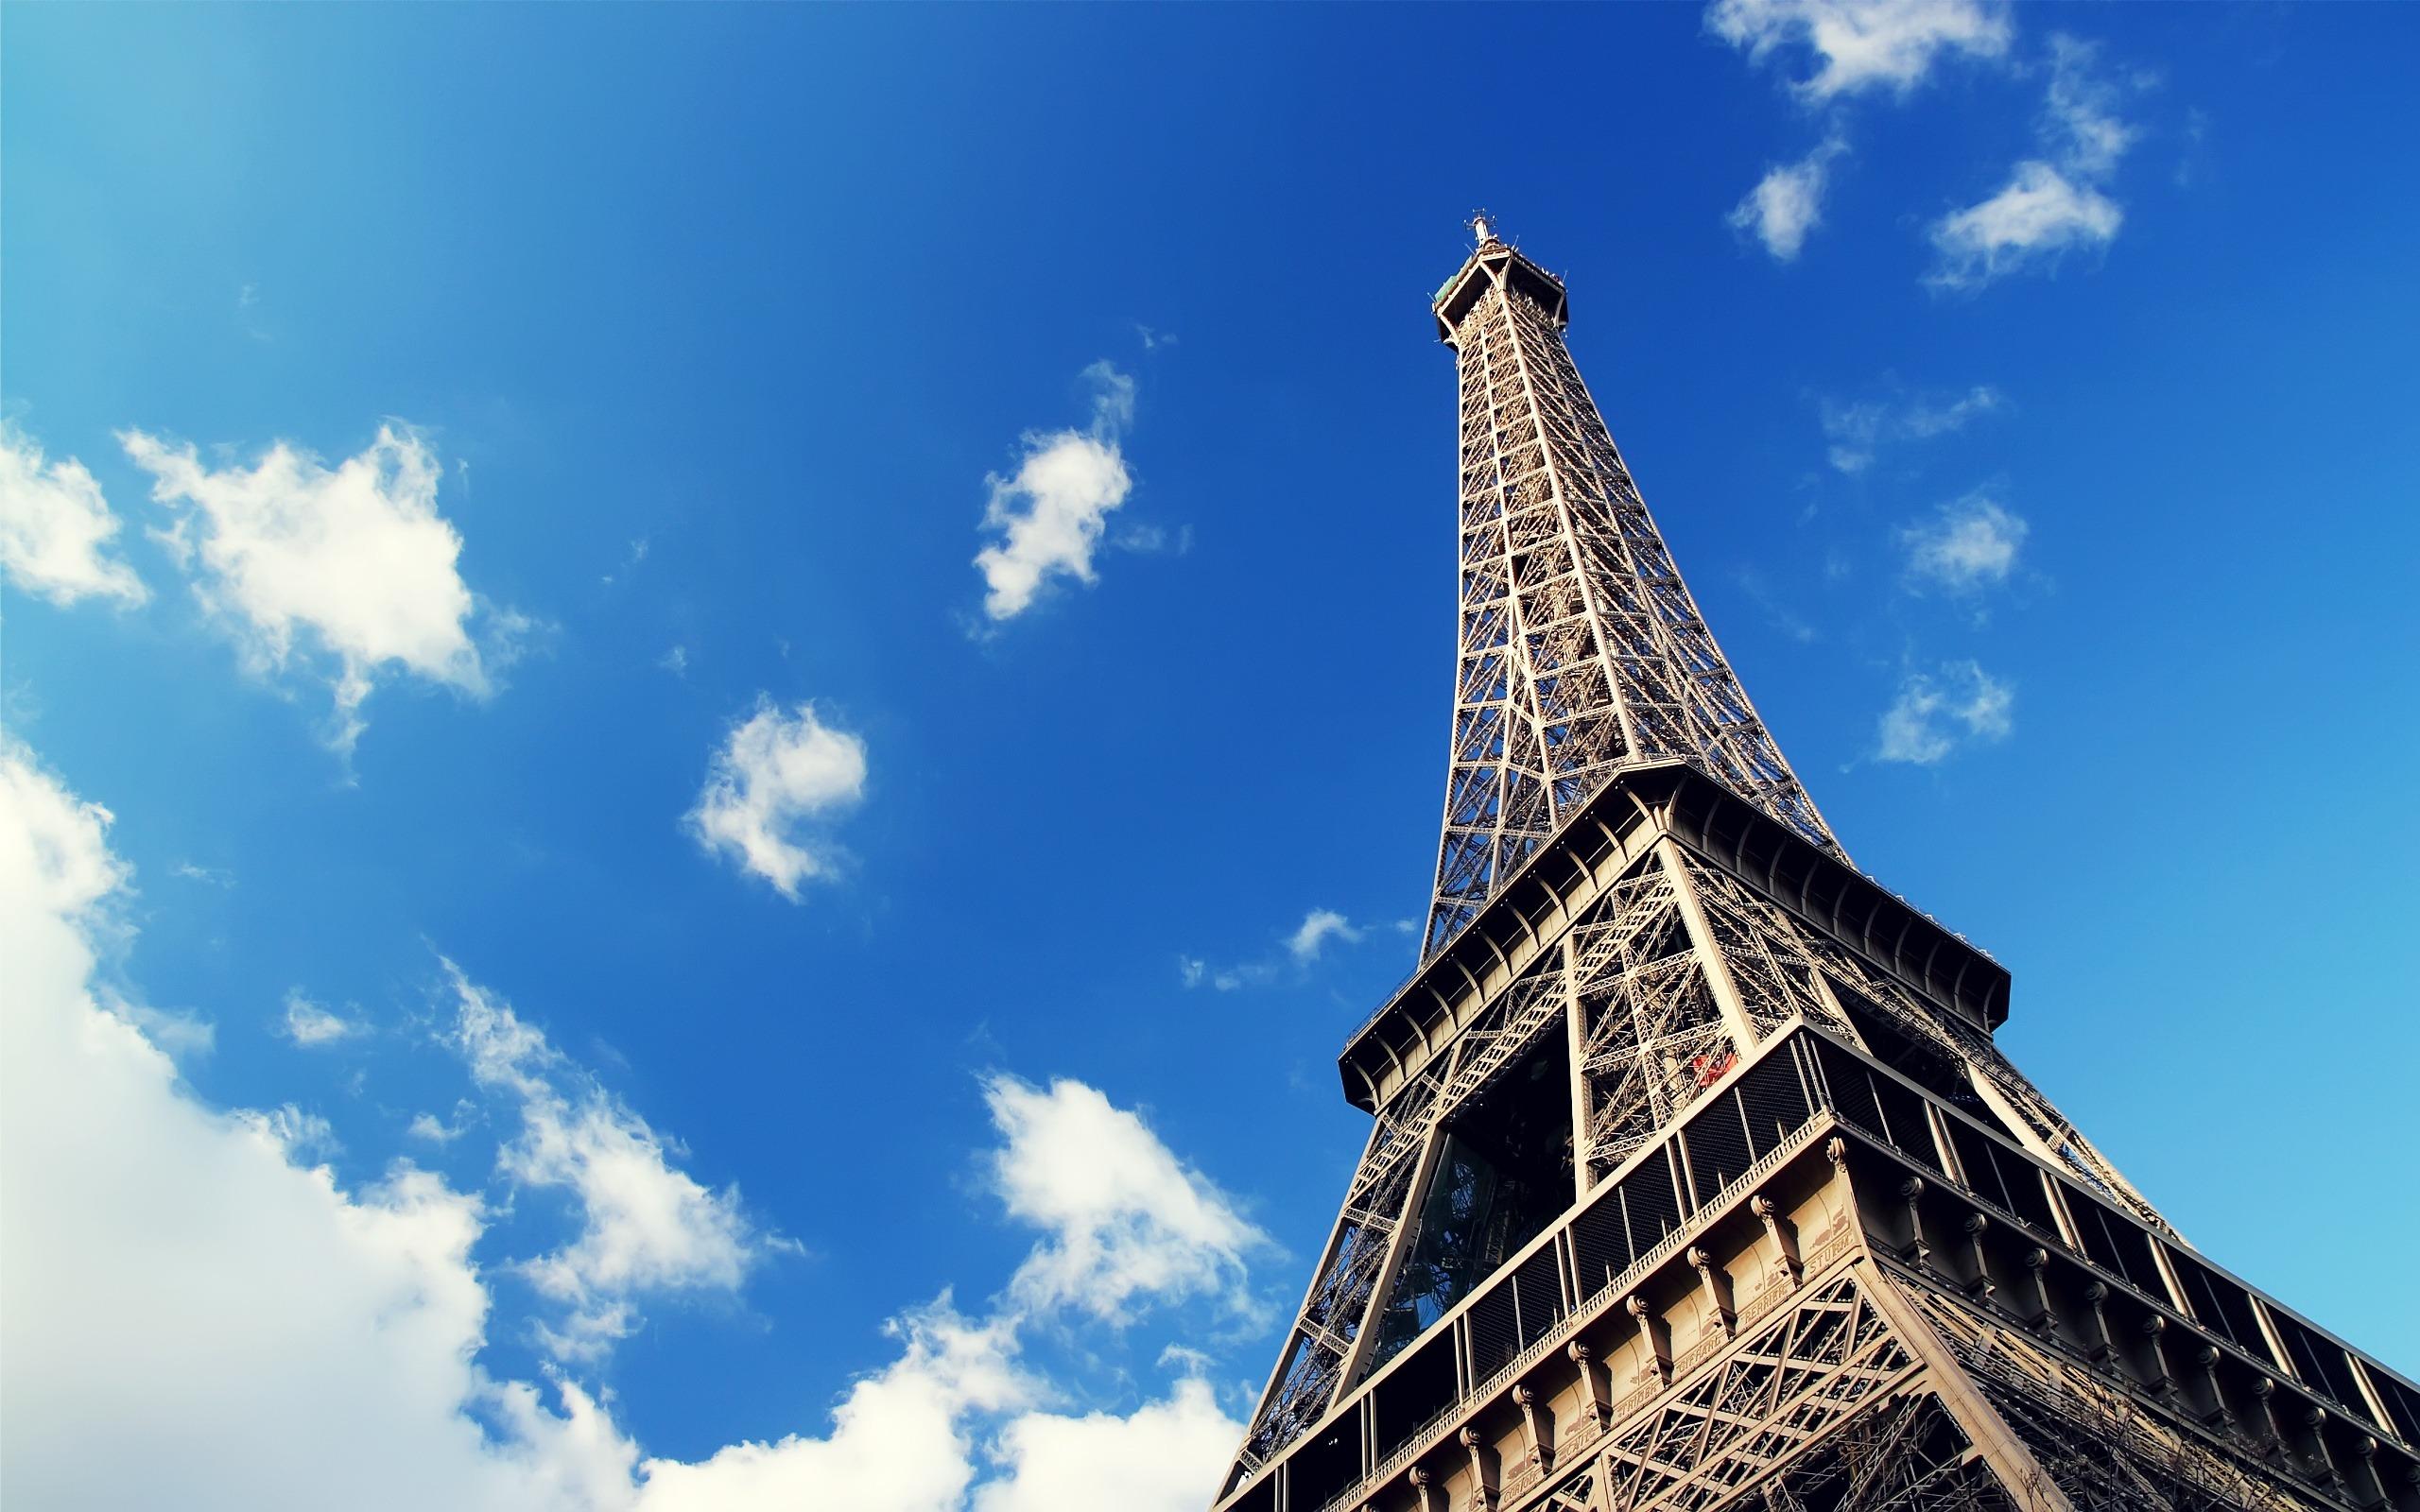 エッフェル塔パリ 世界旅行hdの壁紙プレビュー 10wallpaper Com